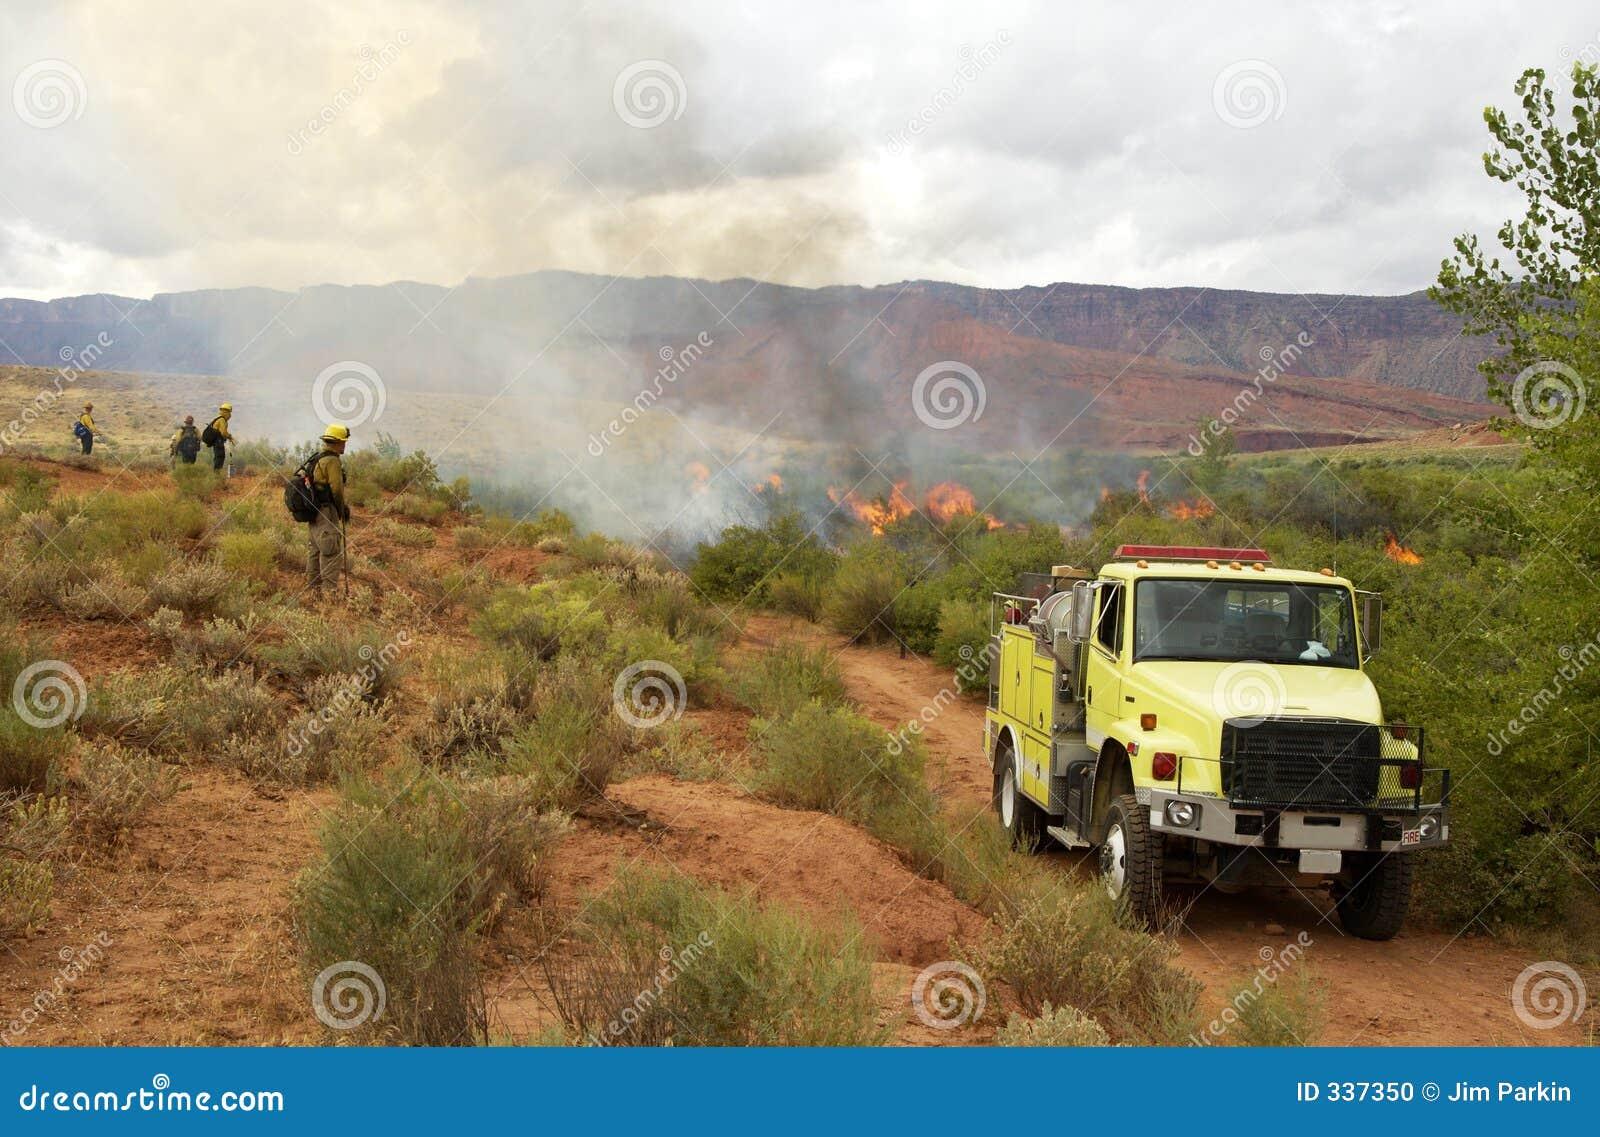 Voorgeschreven brandwond